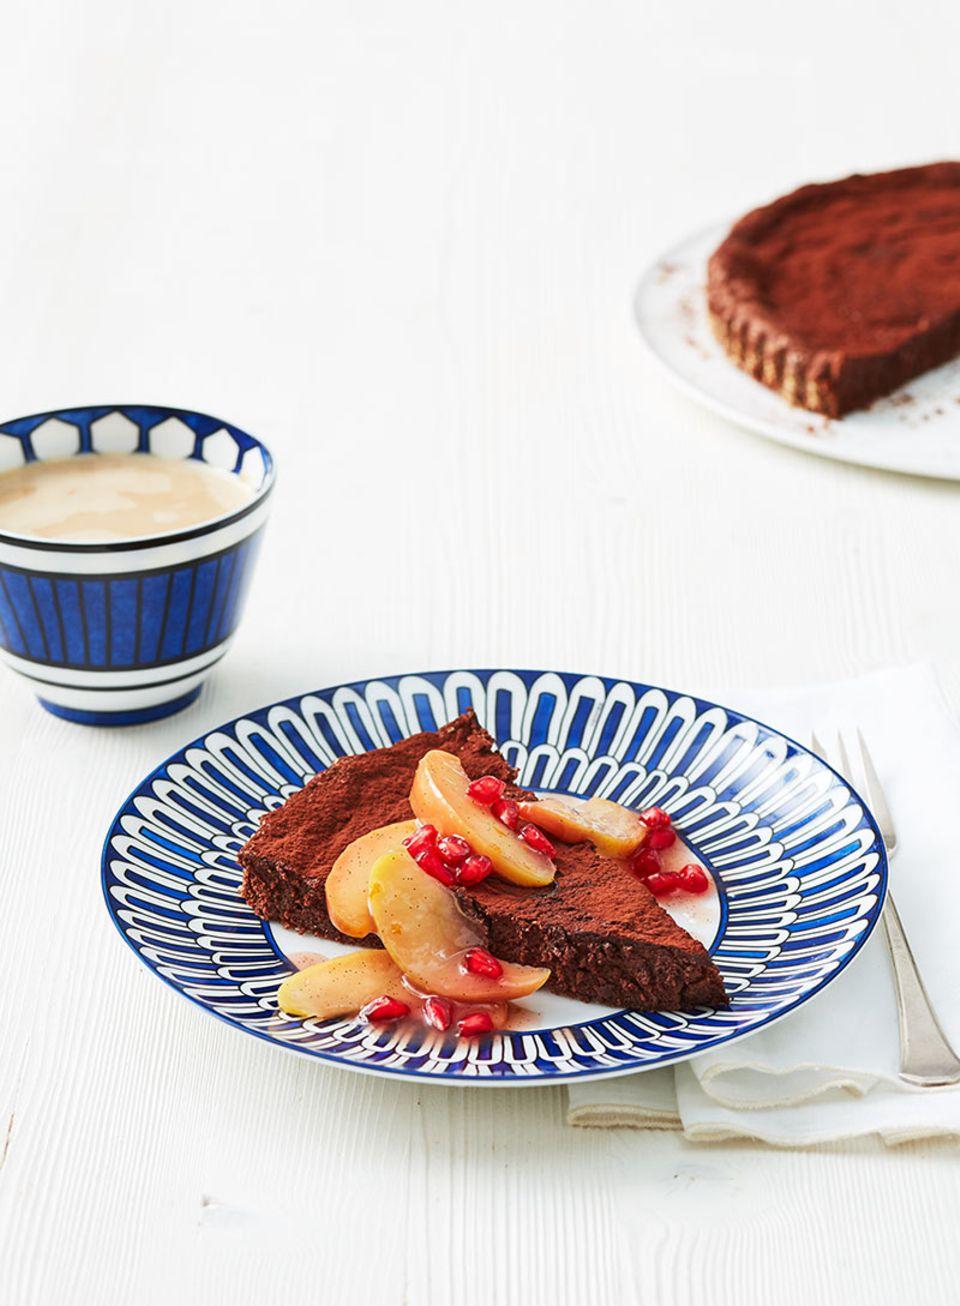 Das süß-saure Kompott umschmeichelt den herb-schokoladigen Kuchen - ein Traum!